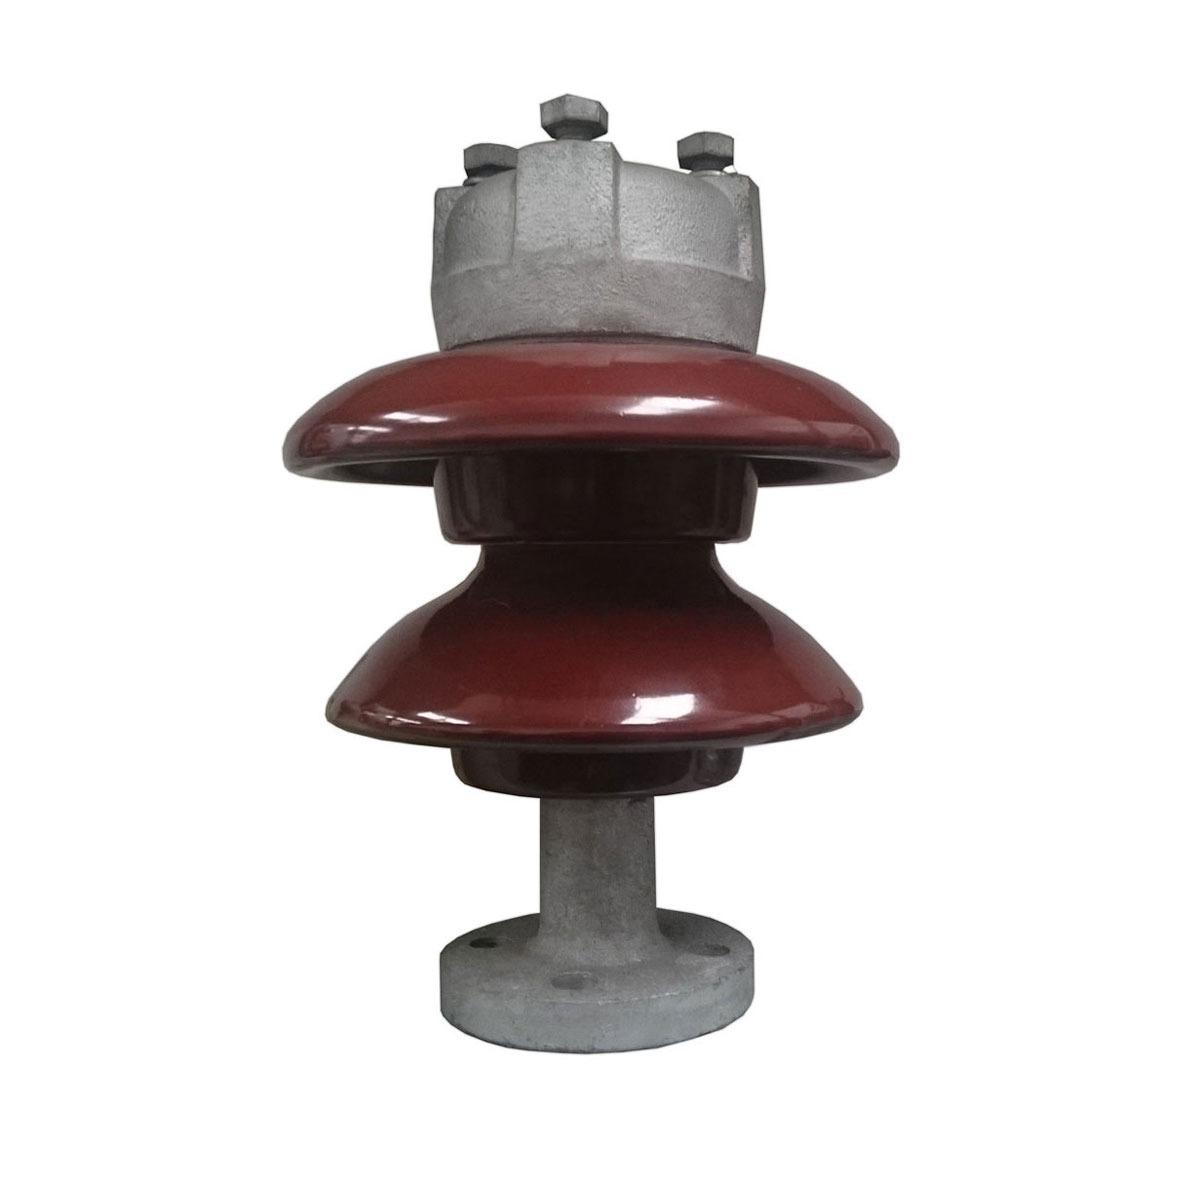 aislador-soporte-pedestal